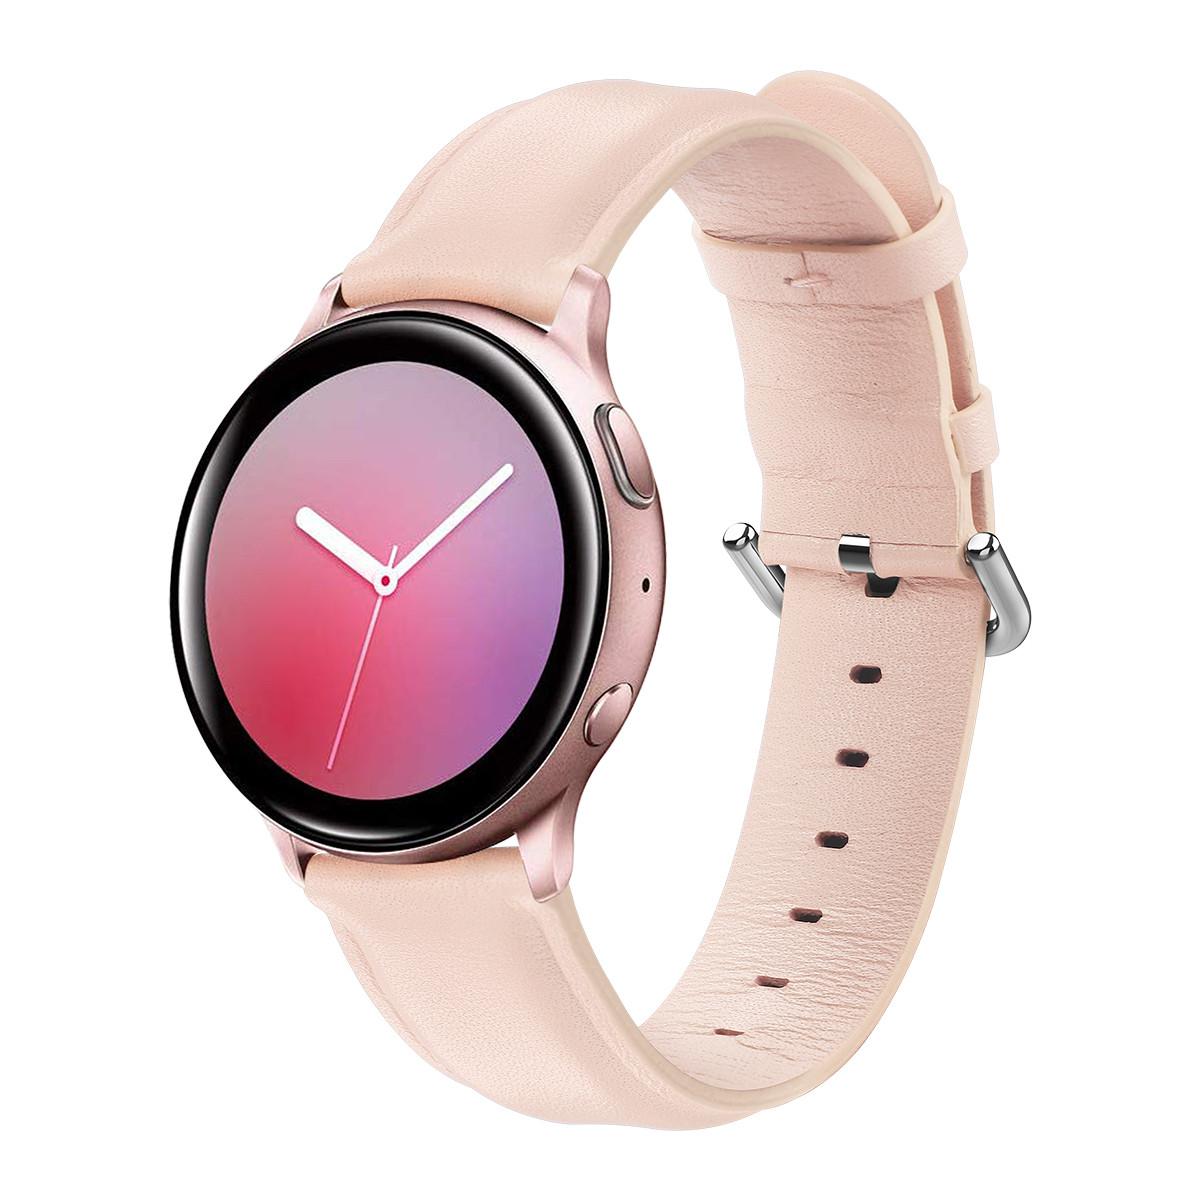 Ремешок для Samsung Active | Active 2 | Galaxy watch 42mm кожаный 20мм размер L Персиковый BeWatch (1220122)